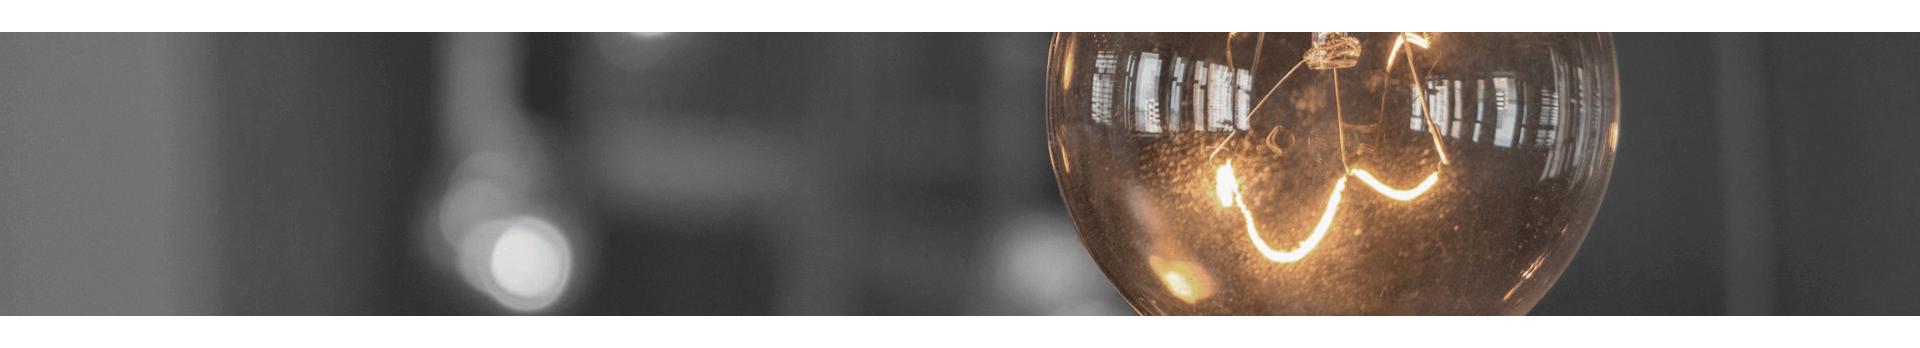 Bombillas | Iluminación | Mobelfy ®